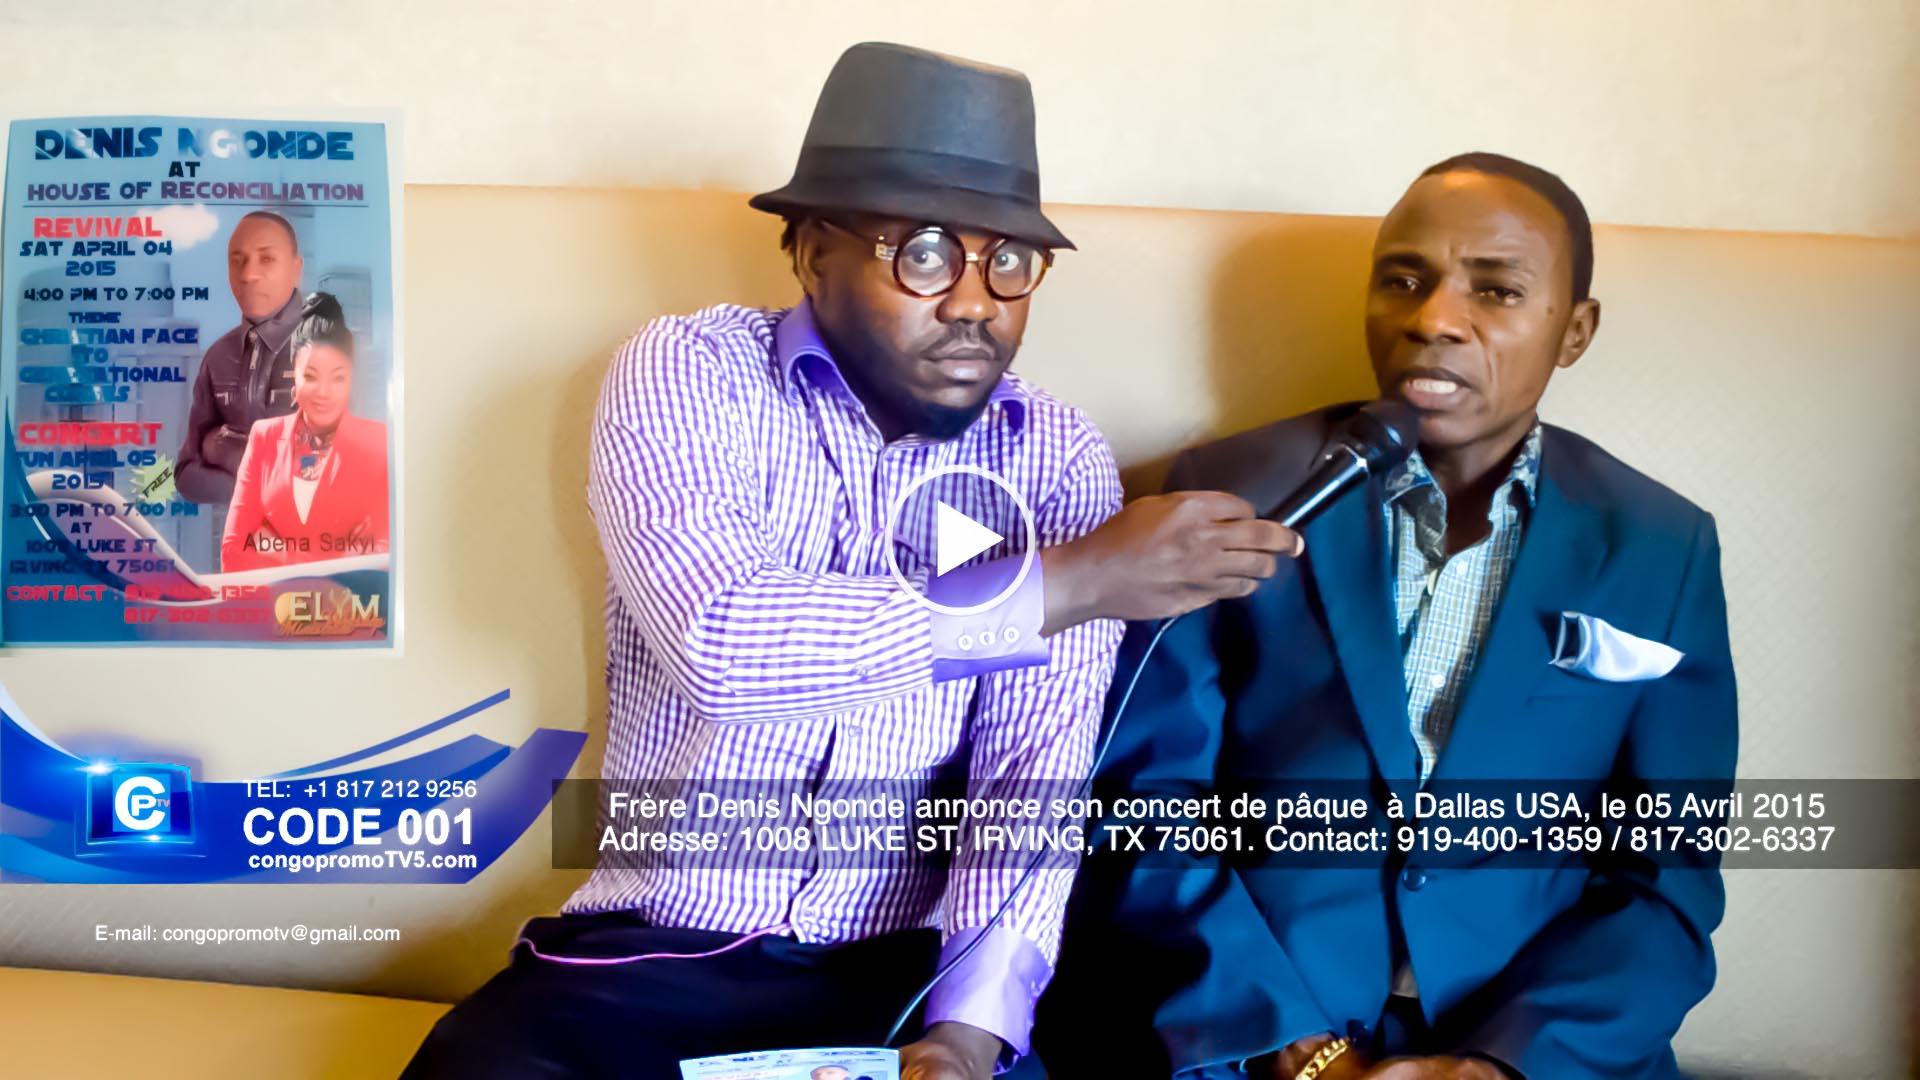 Frère Denis Ngonde annonce son concert de pâque  à Dallas USA, le 05 Avril 2015 %0A copy